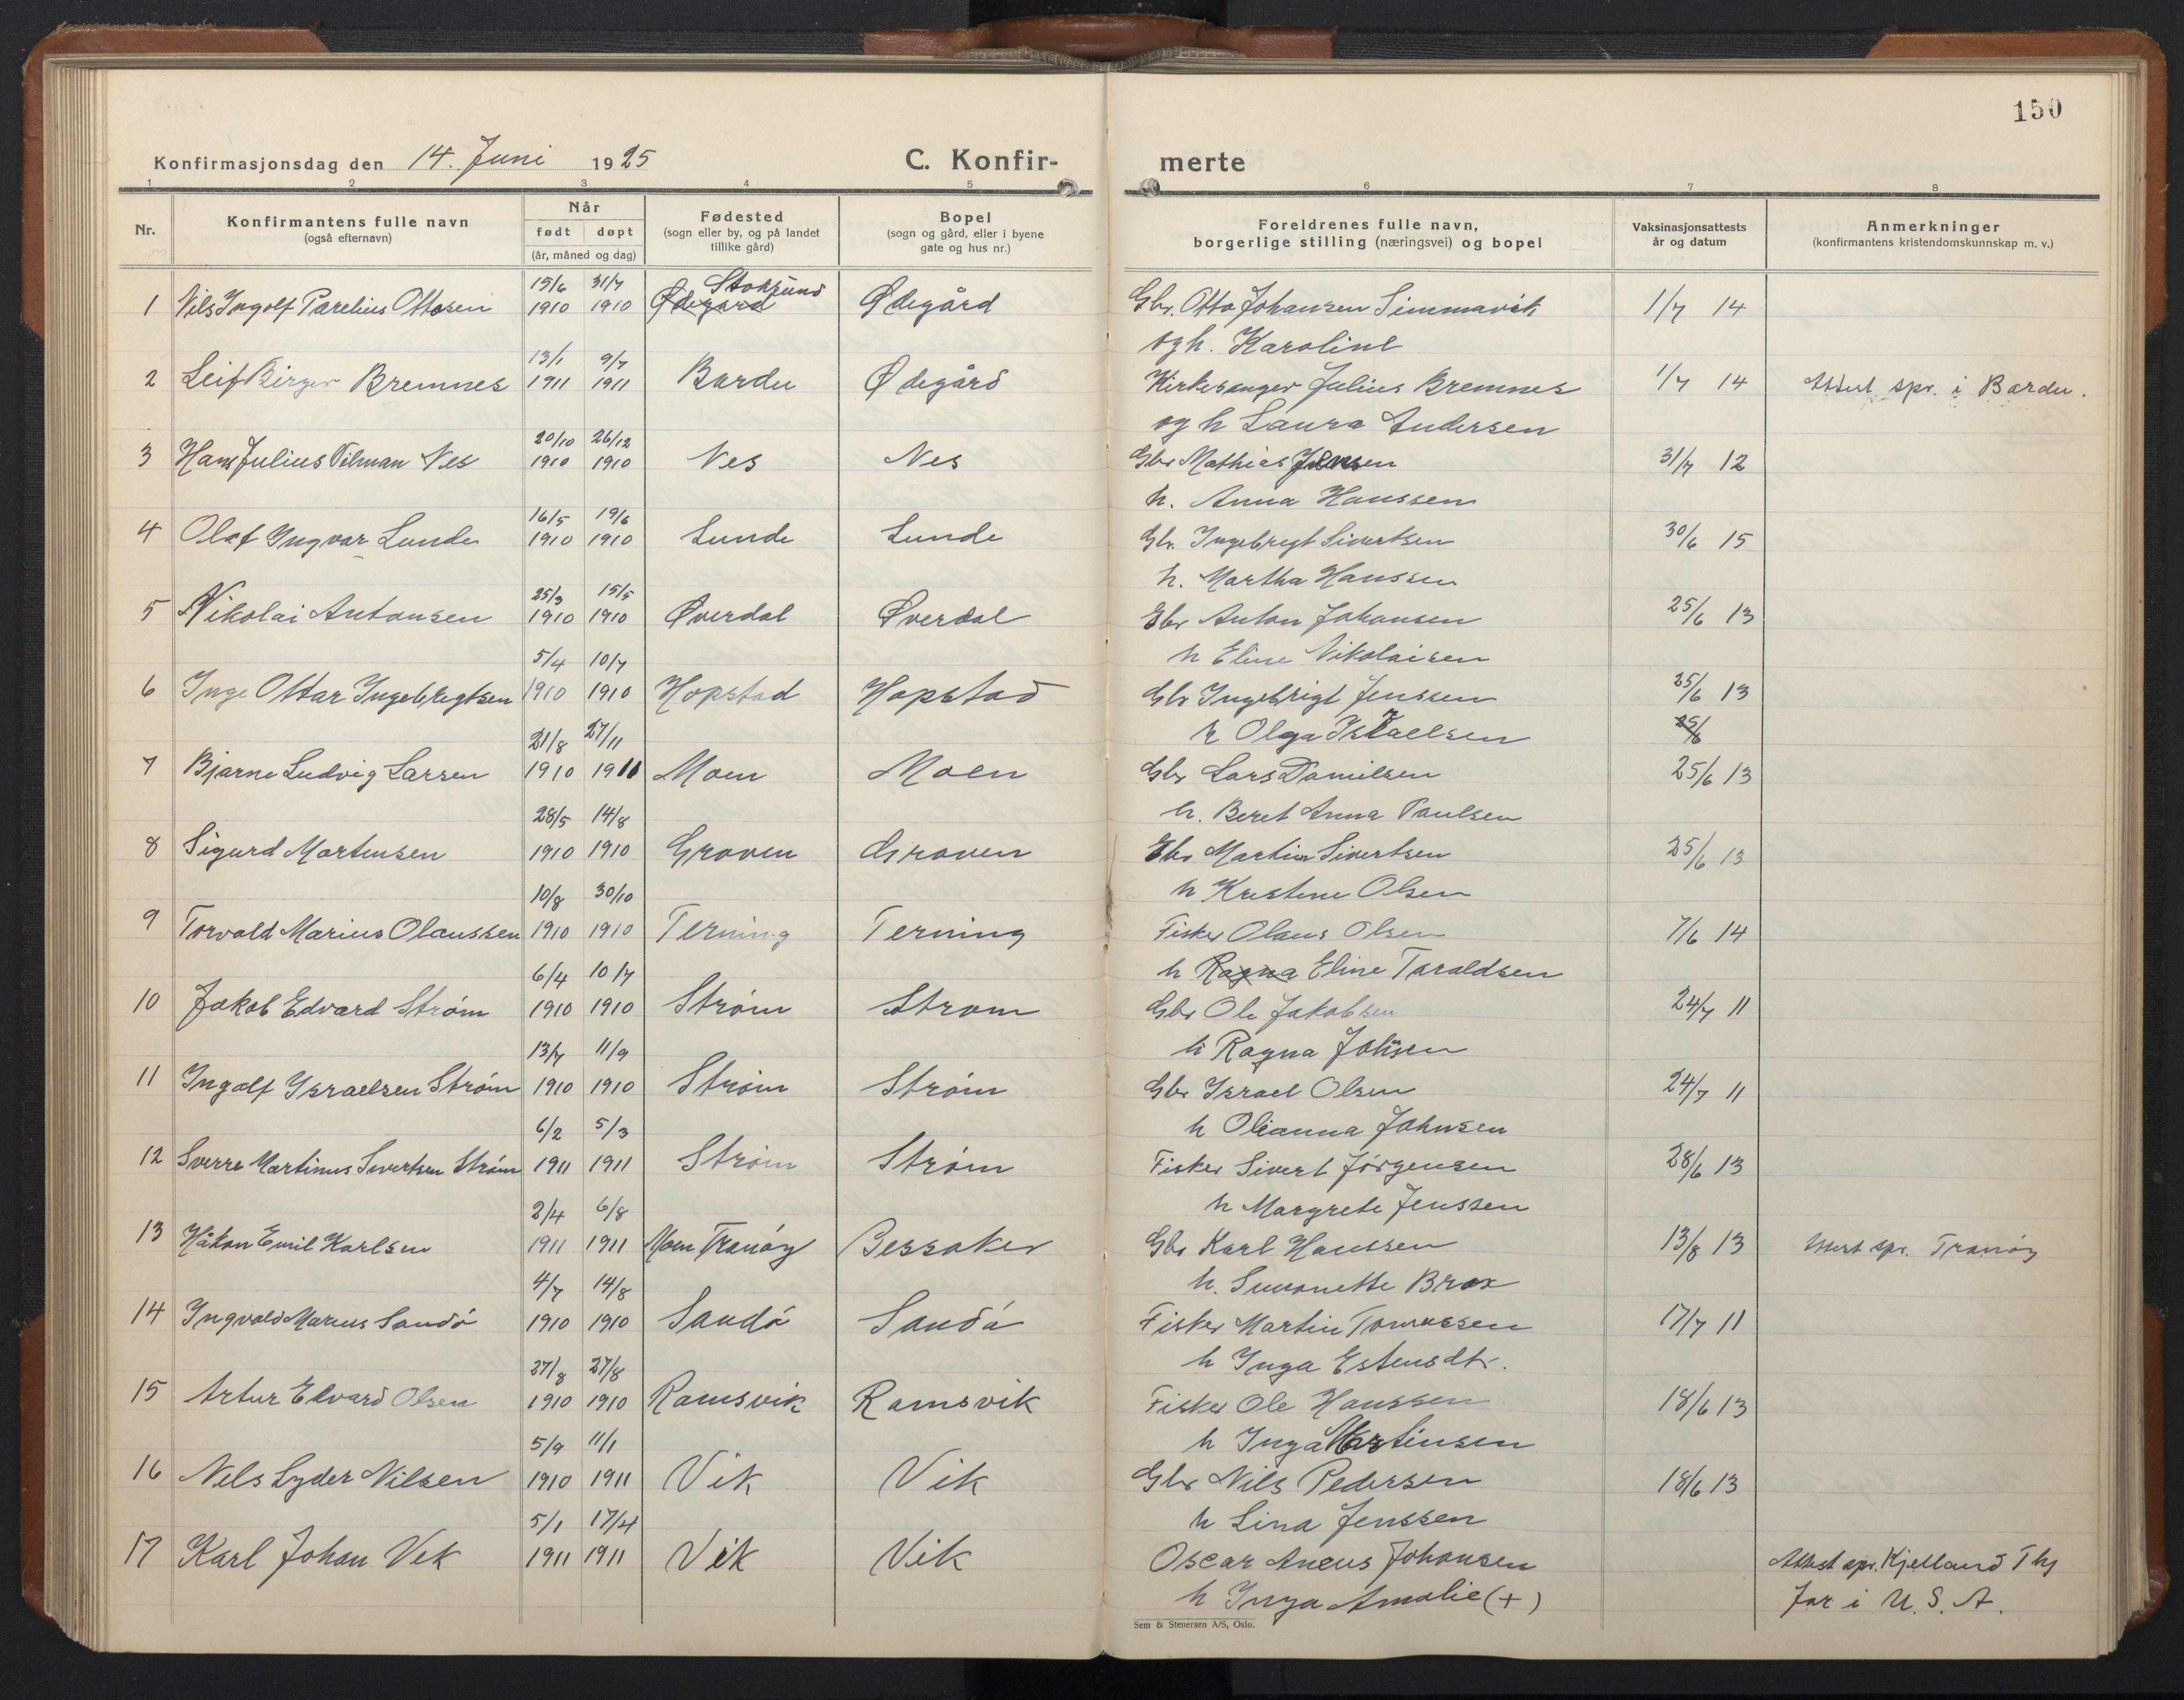 SAT, Ministerialprotokoller, klokkerbøker og fødselsregistre - Sør-Trøndelag, 657/L0718: Klokkerbok nr. 657C05, 1923-1948, s. 150